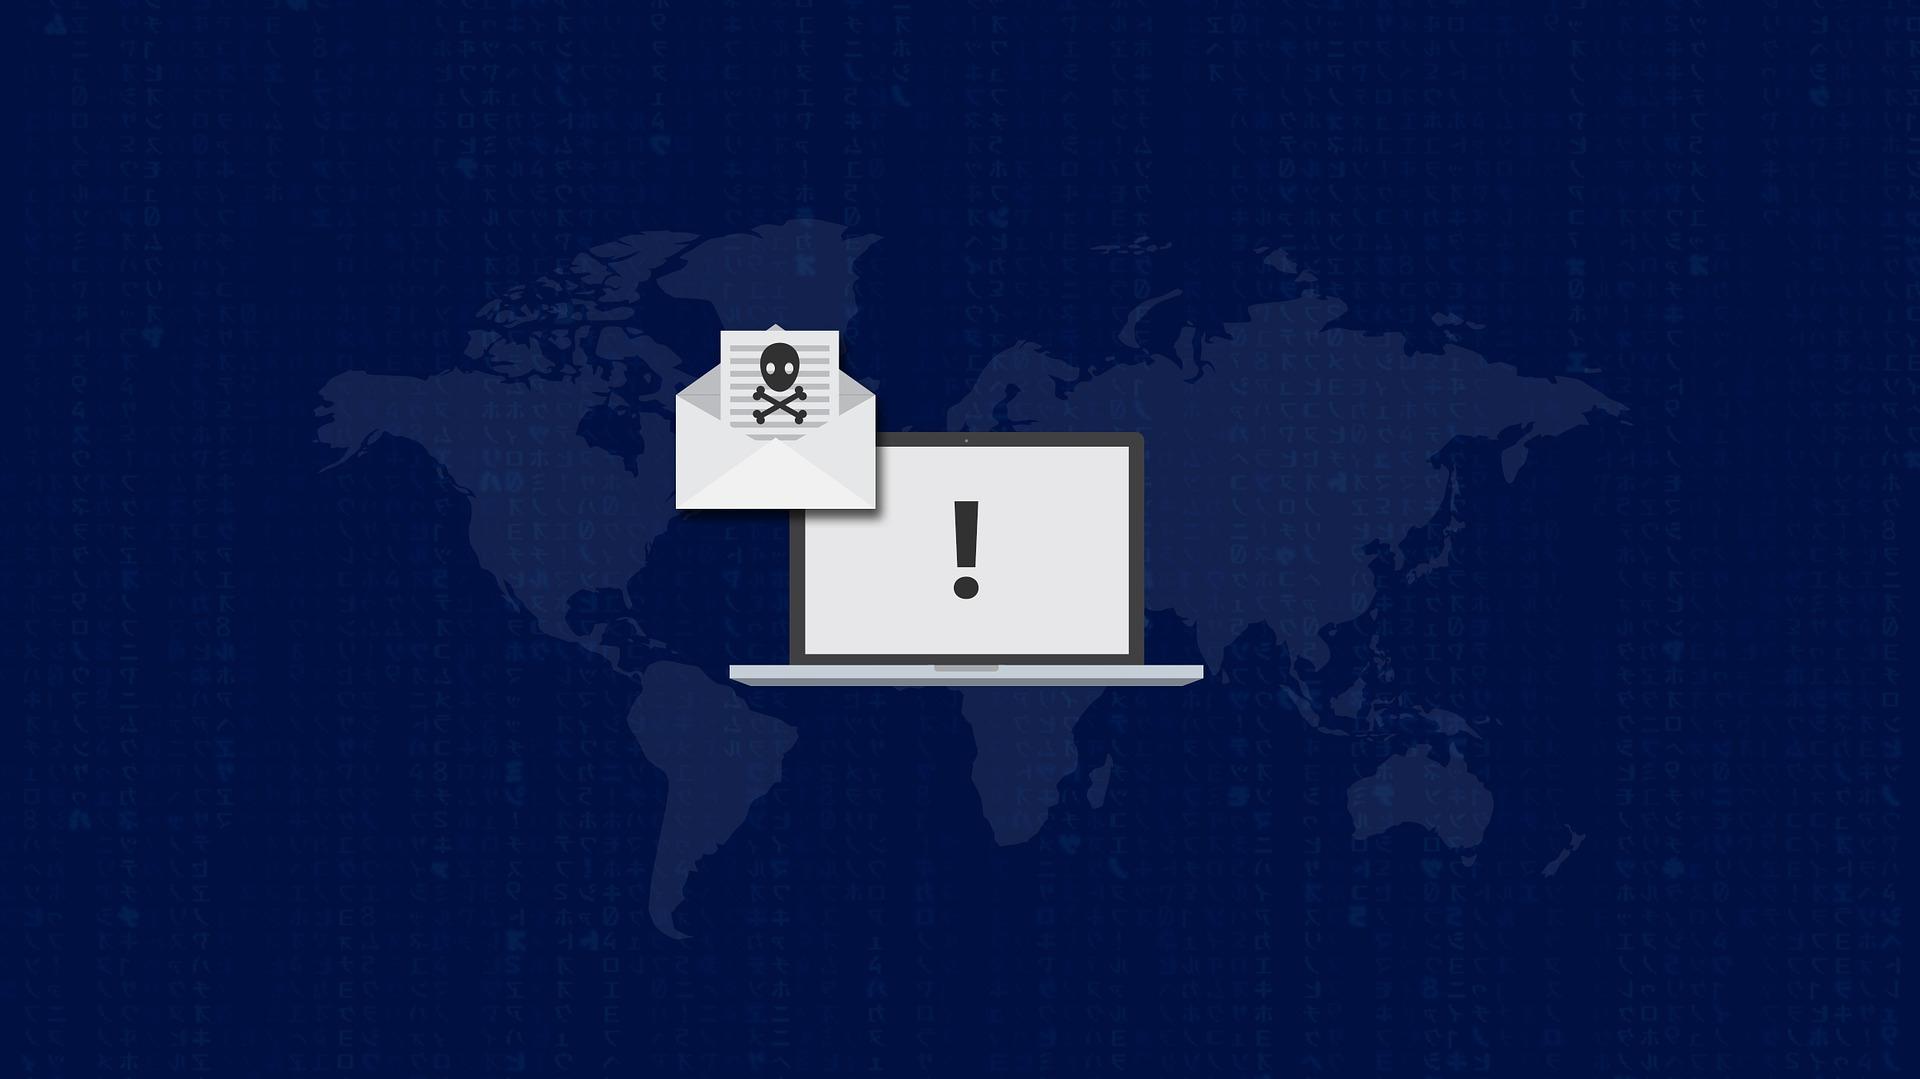 secuestro de información